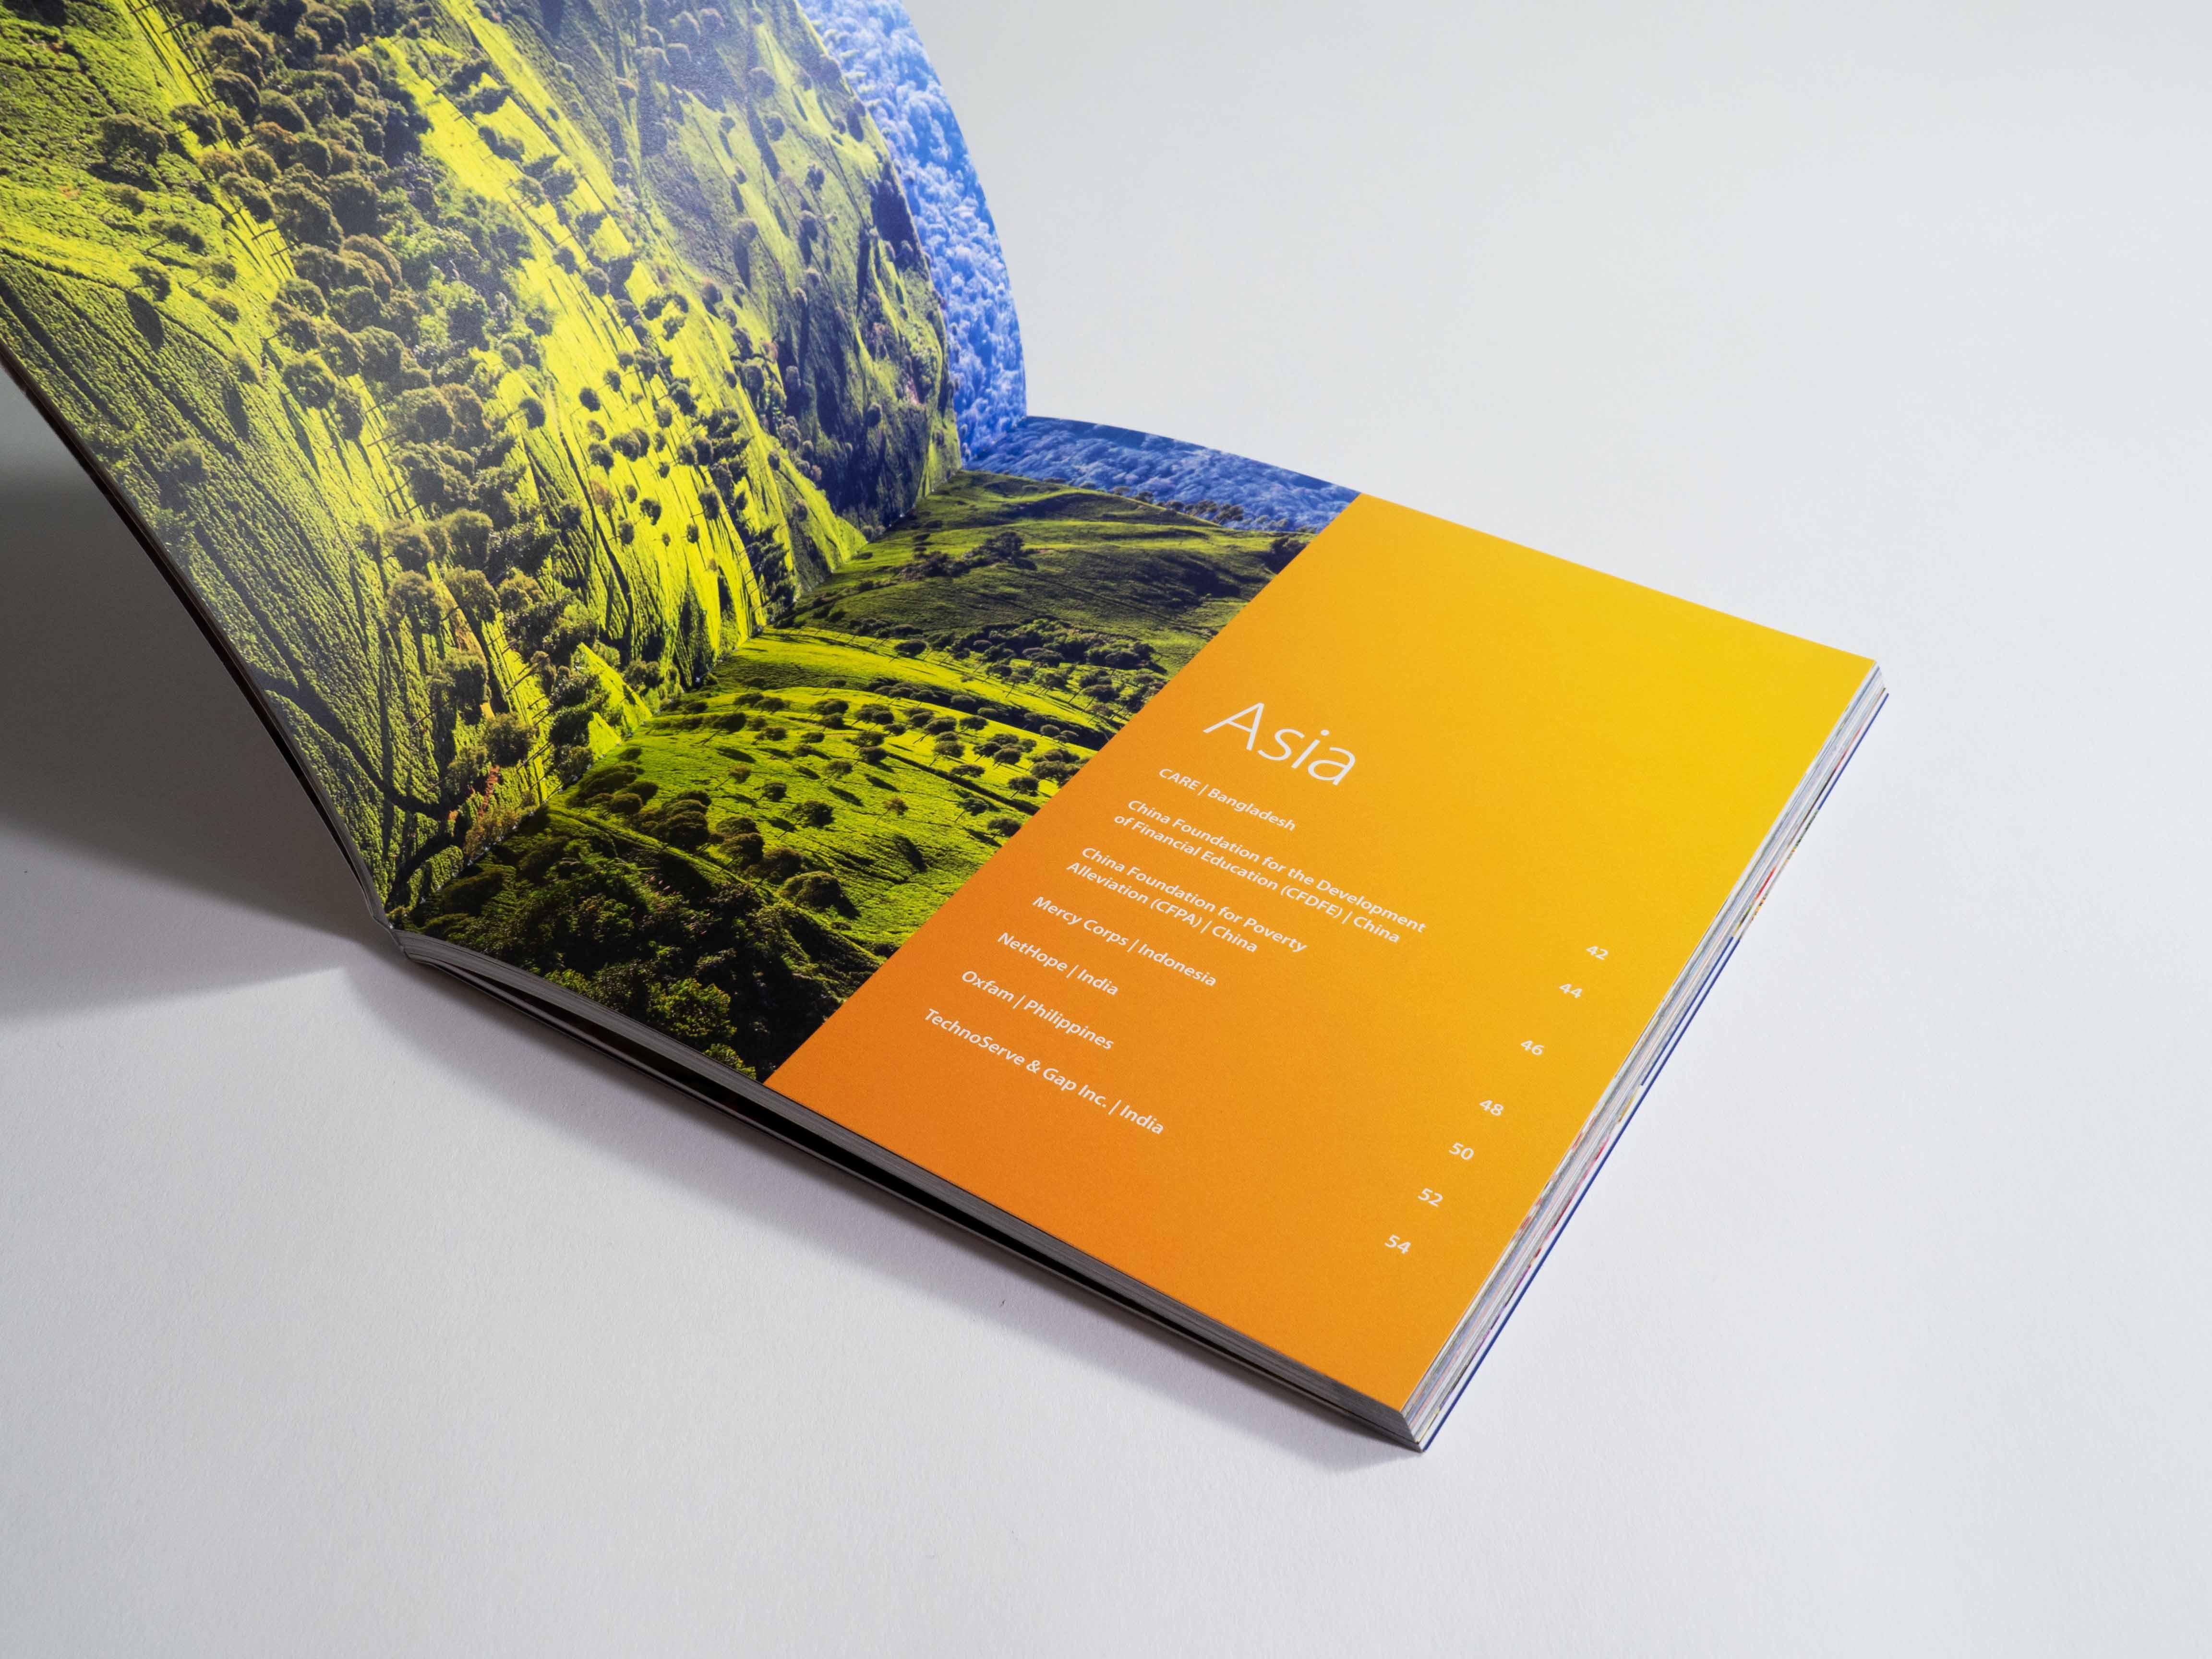 Visa Book – Group C Inc